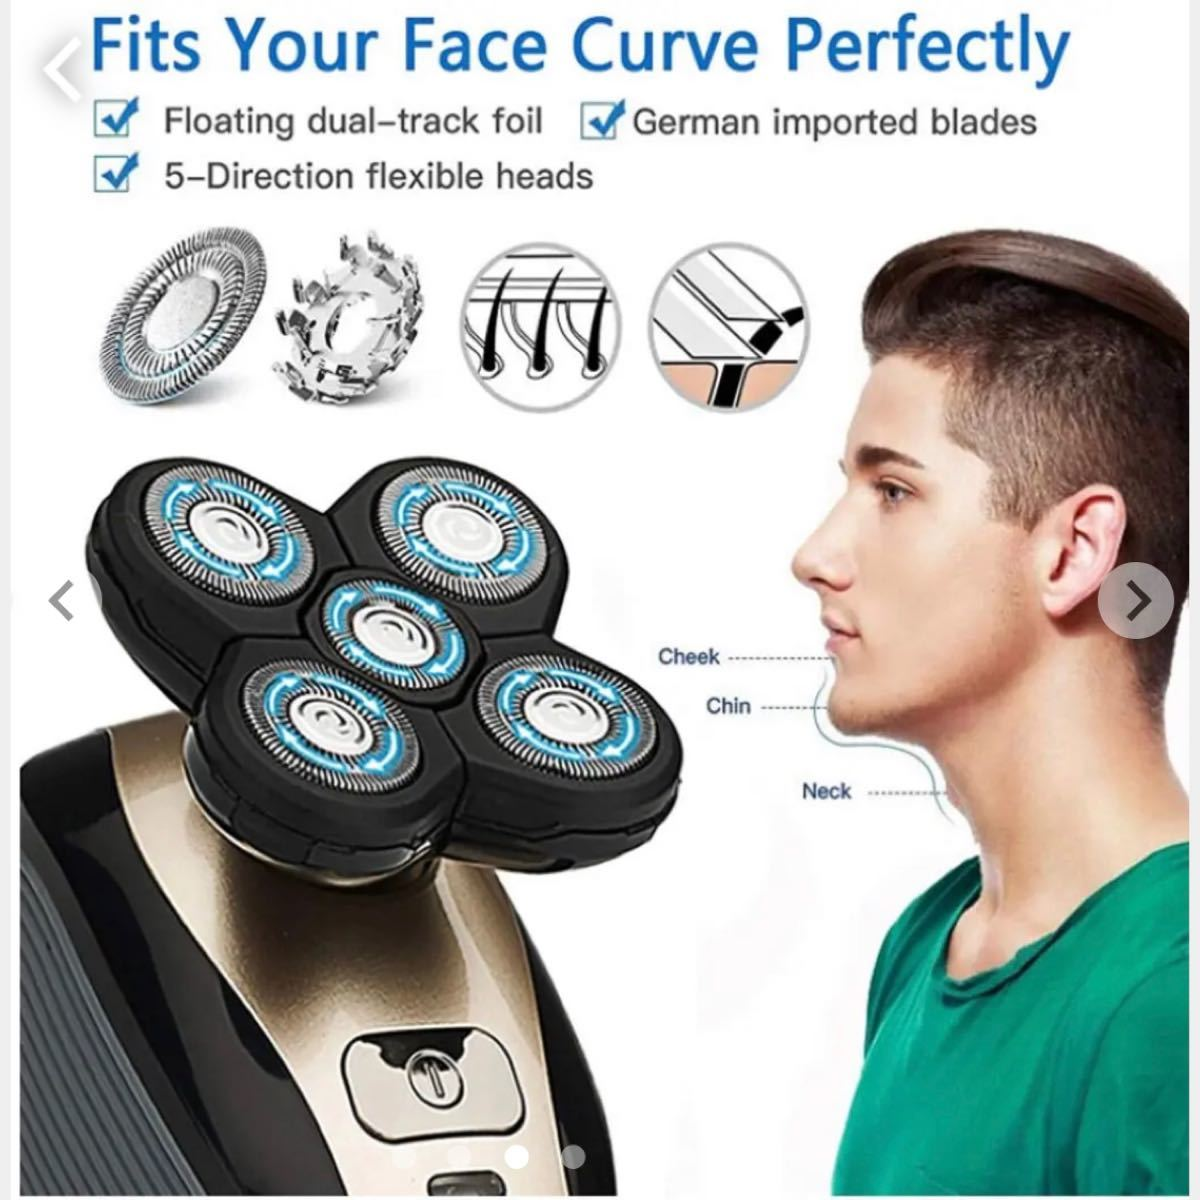 電気シェーバー メンズシェーバー 電動 髭剃り シェーバー 防水 充電式